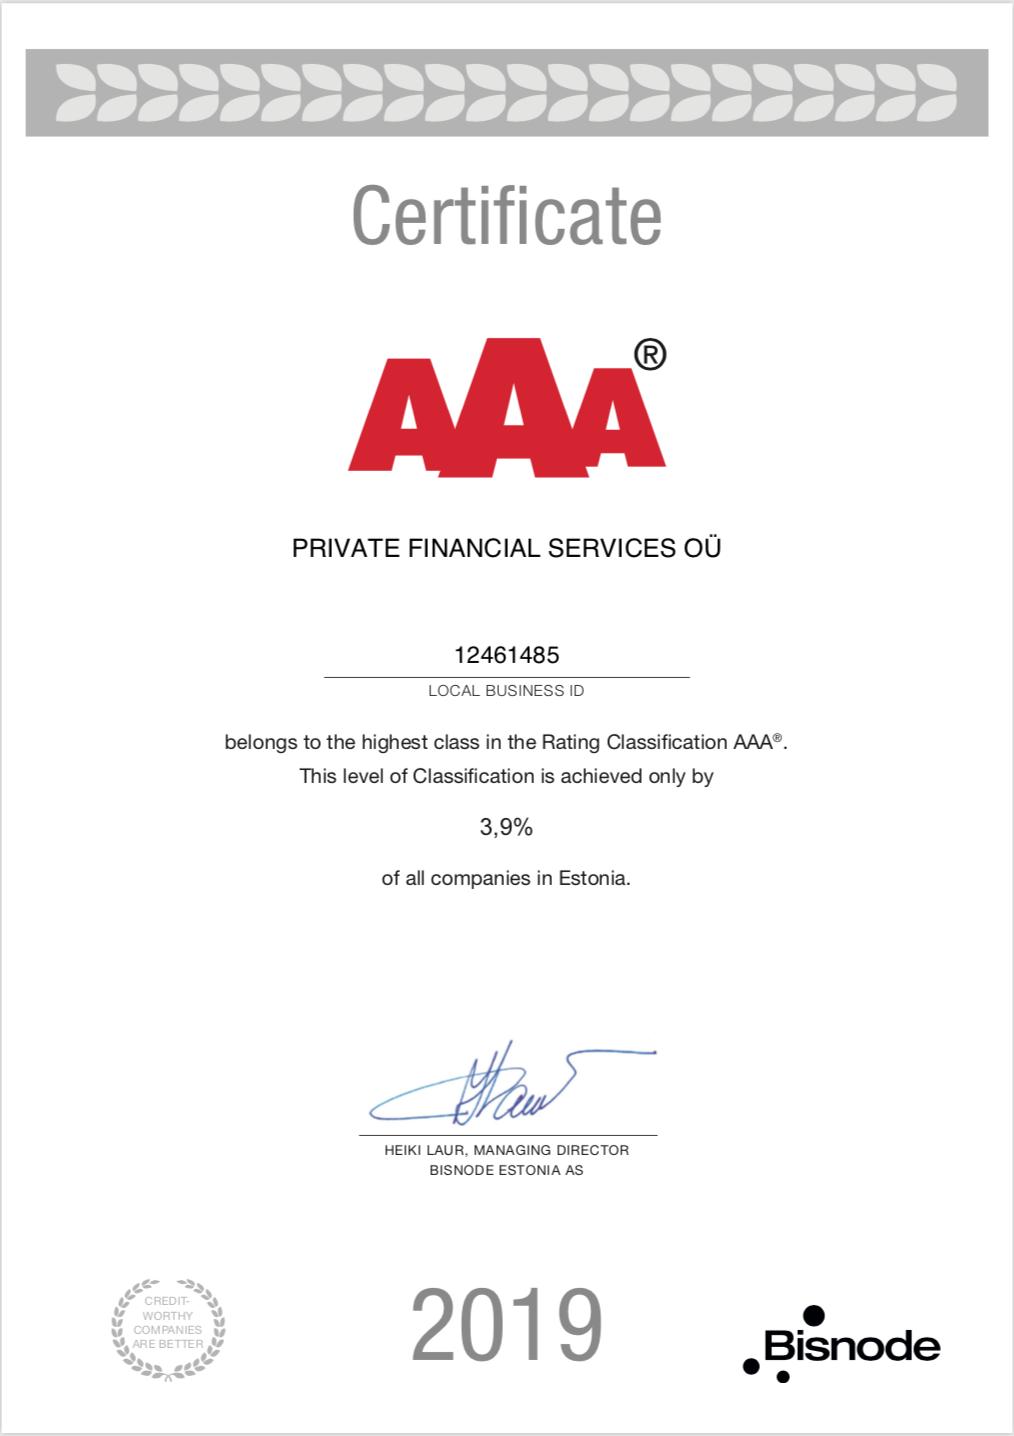 Эстонский филиал получил кредитный рейтинг ААА